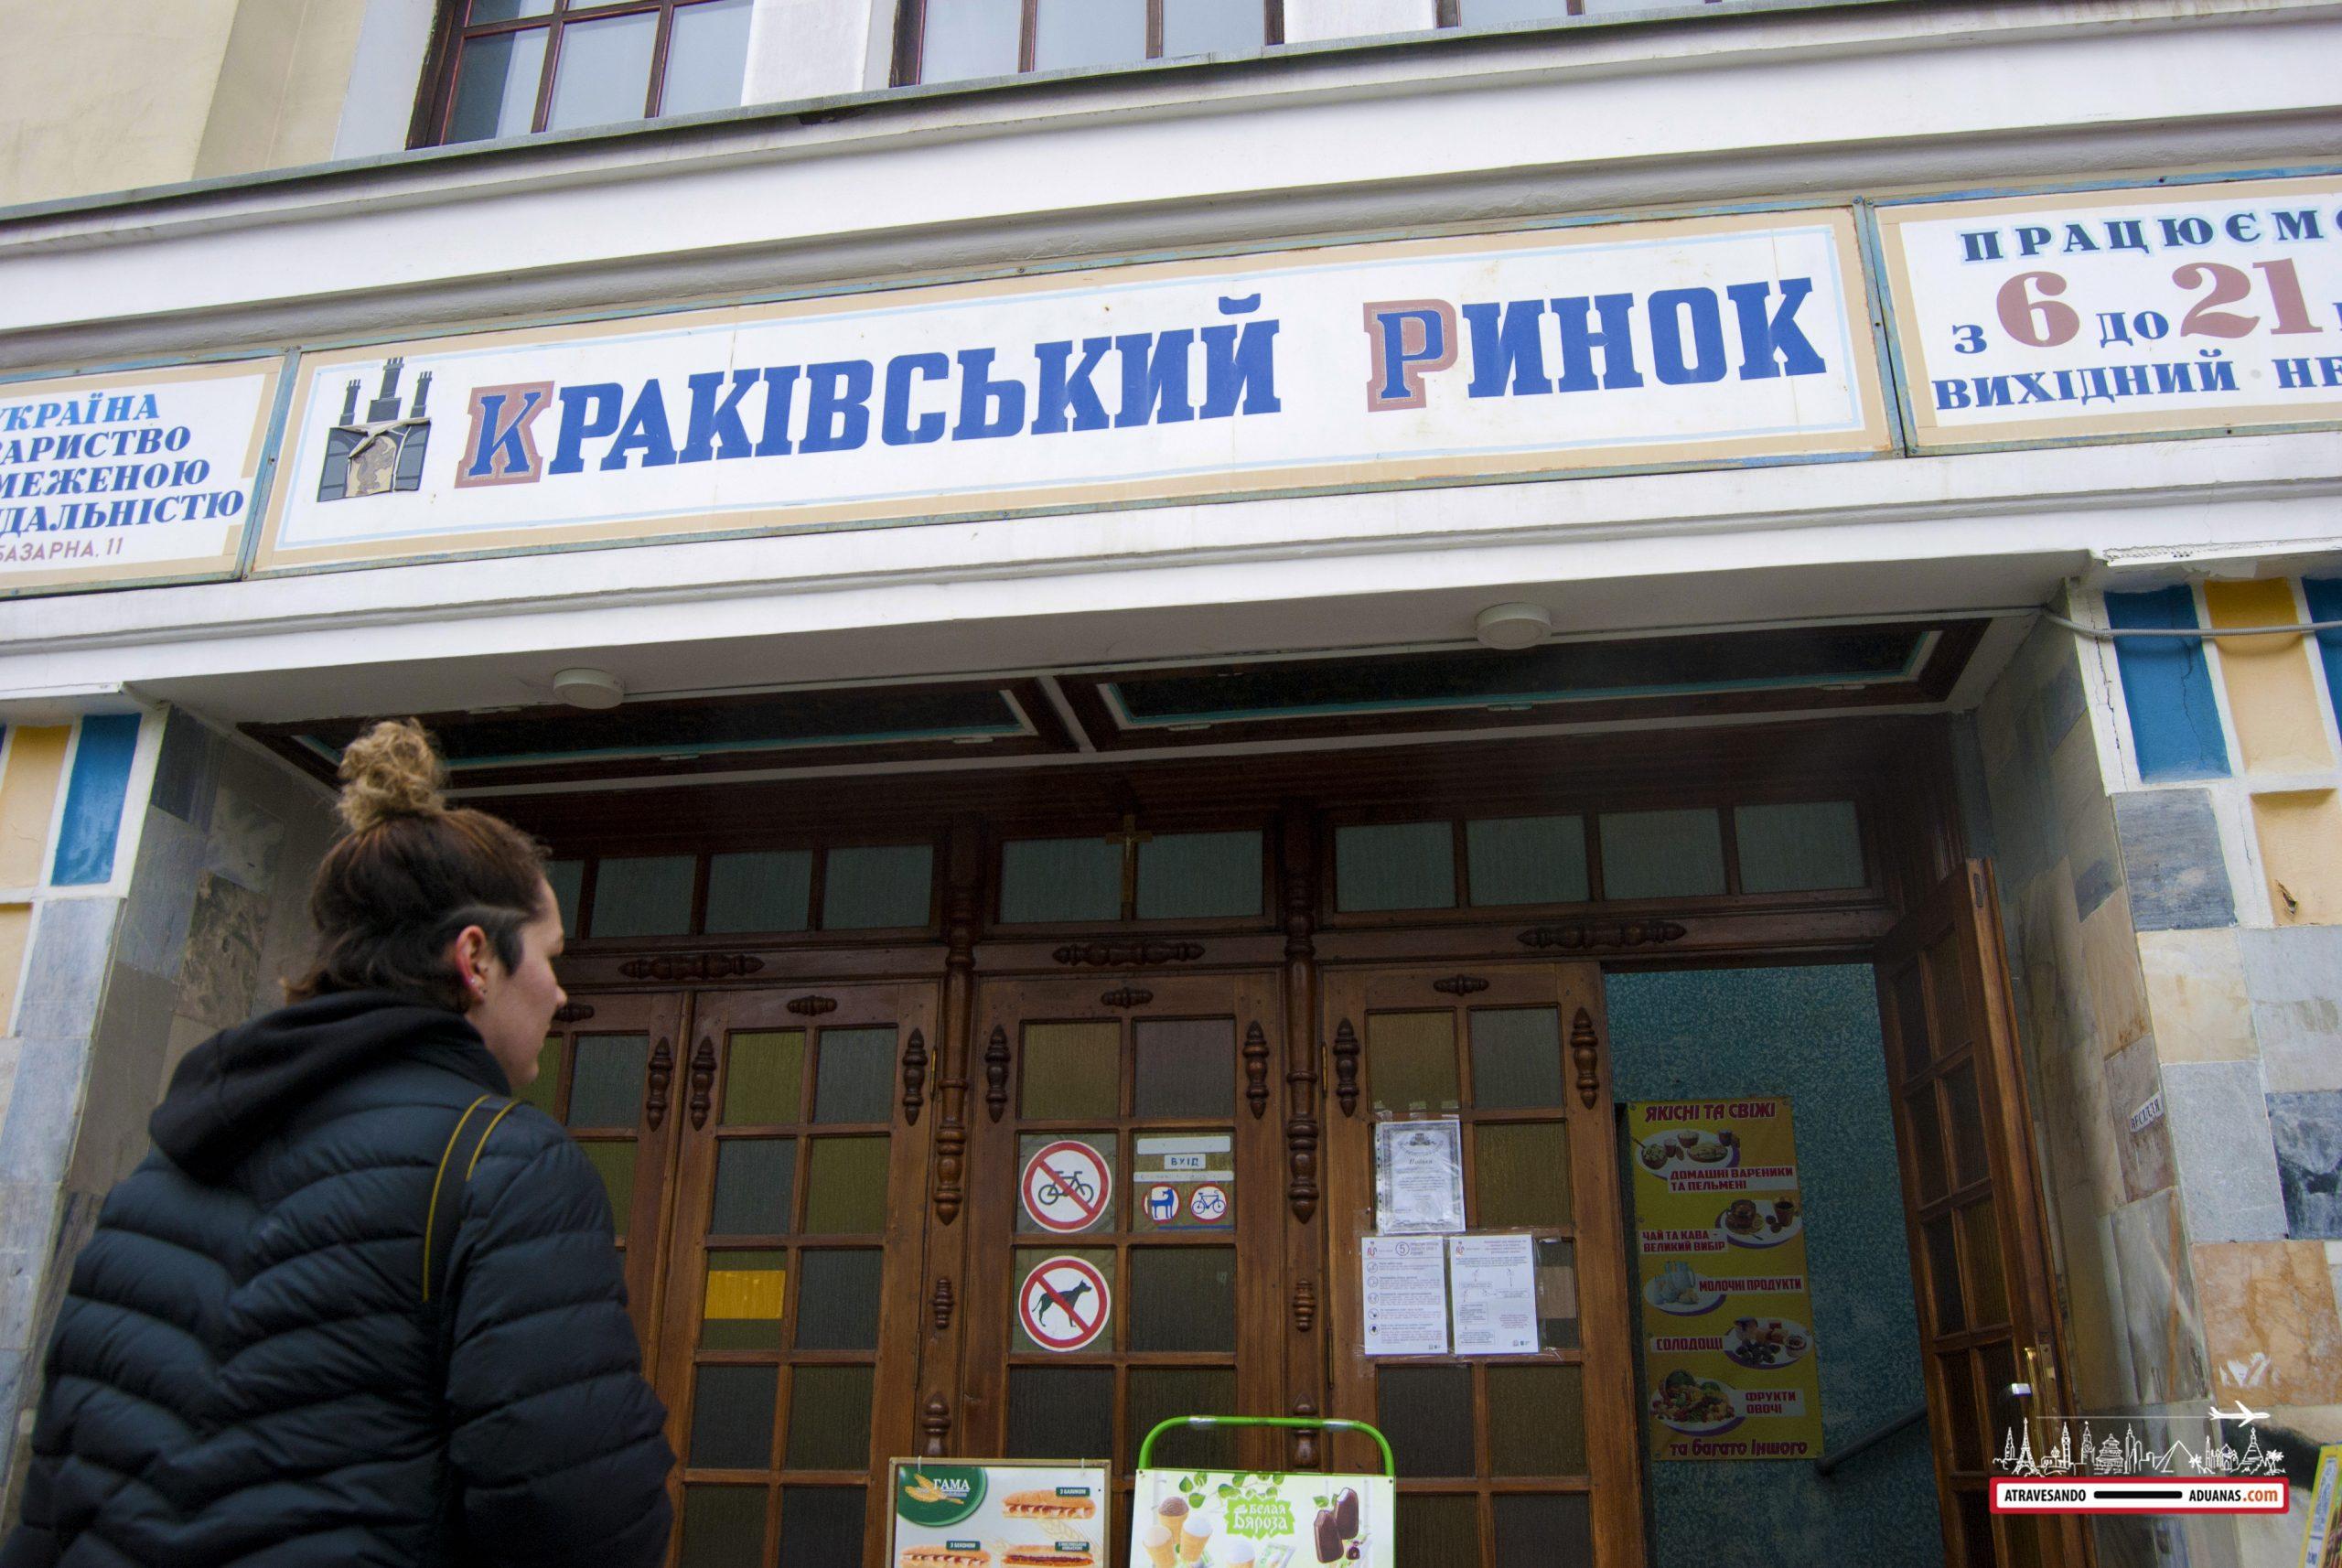 entrada al interior del ercado krakivsky